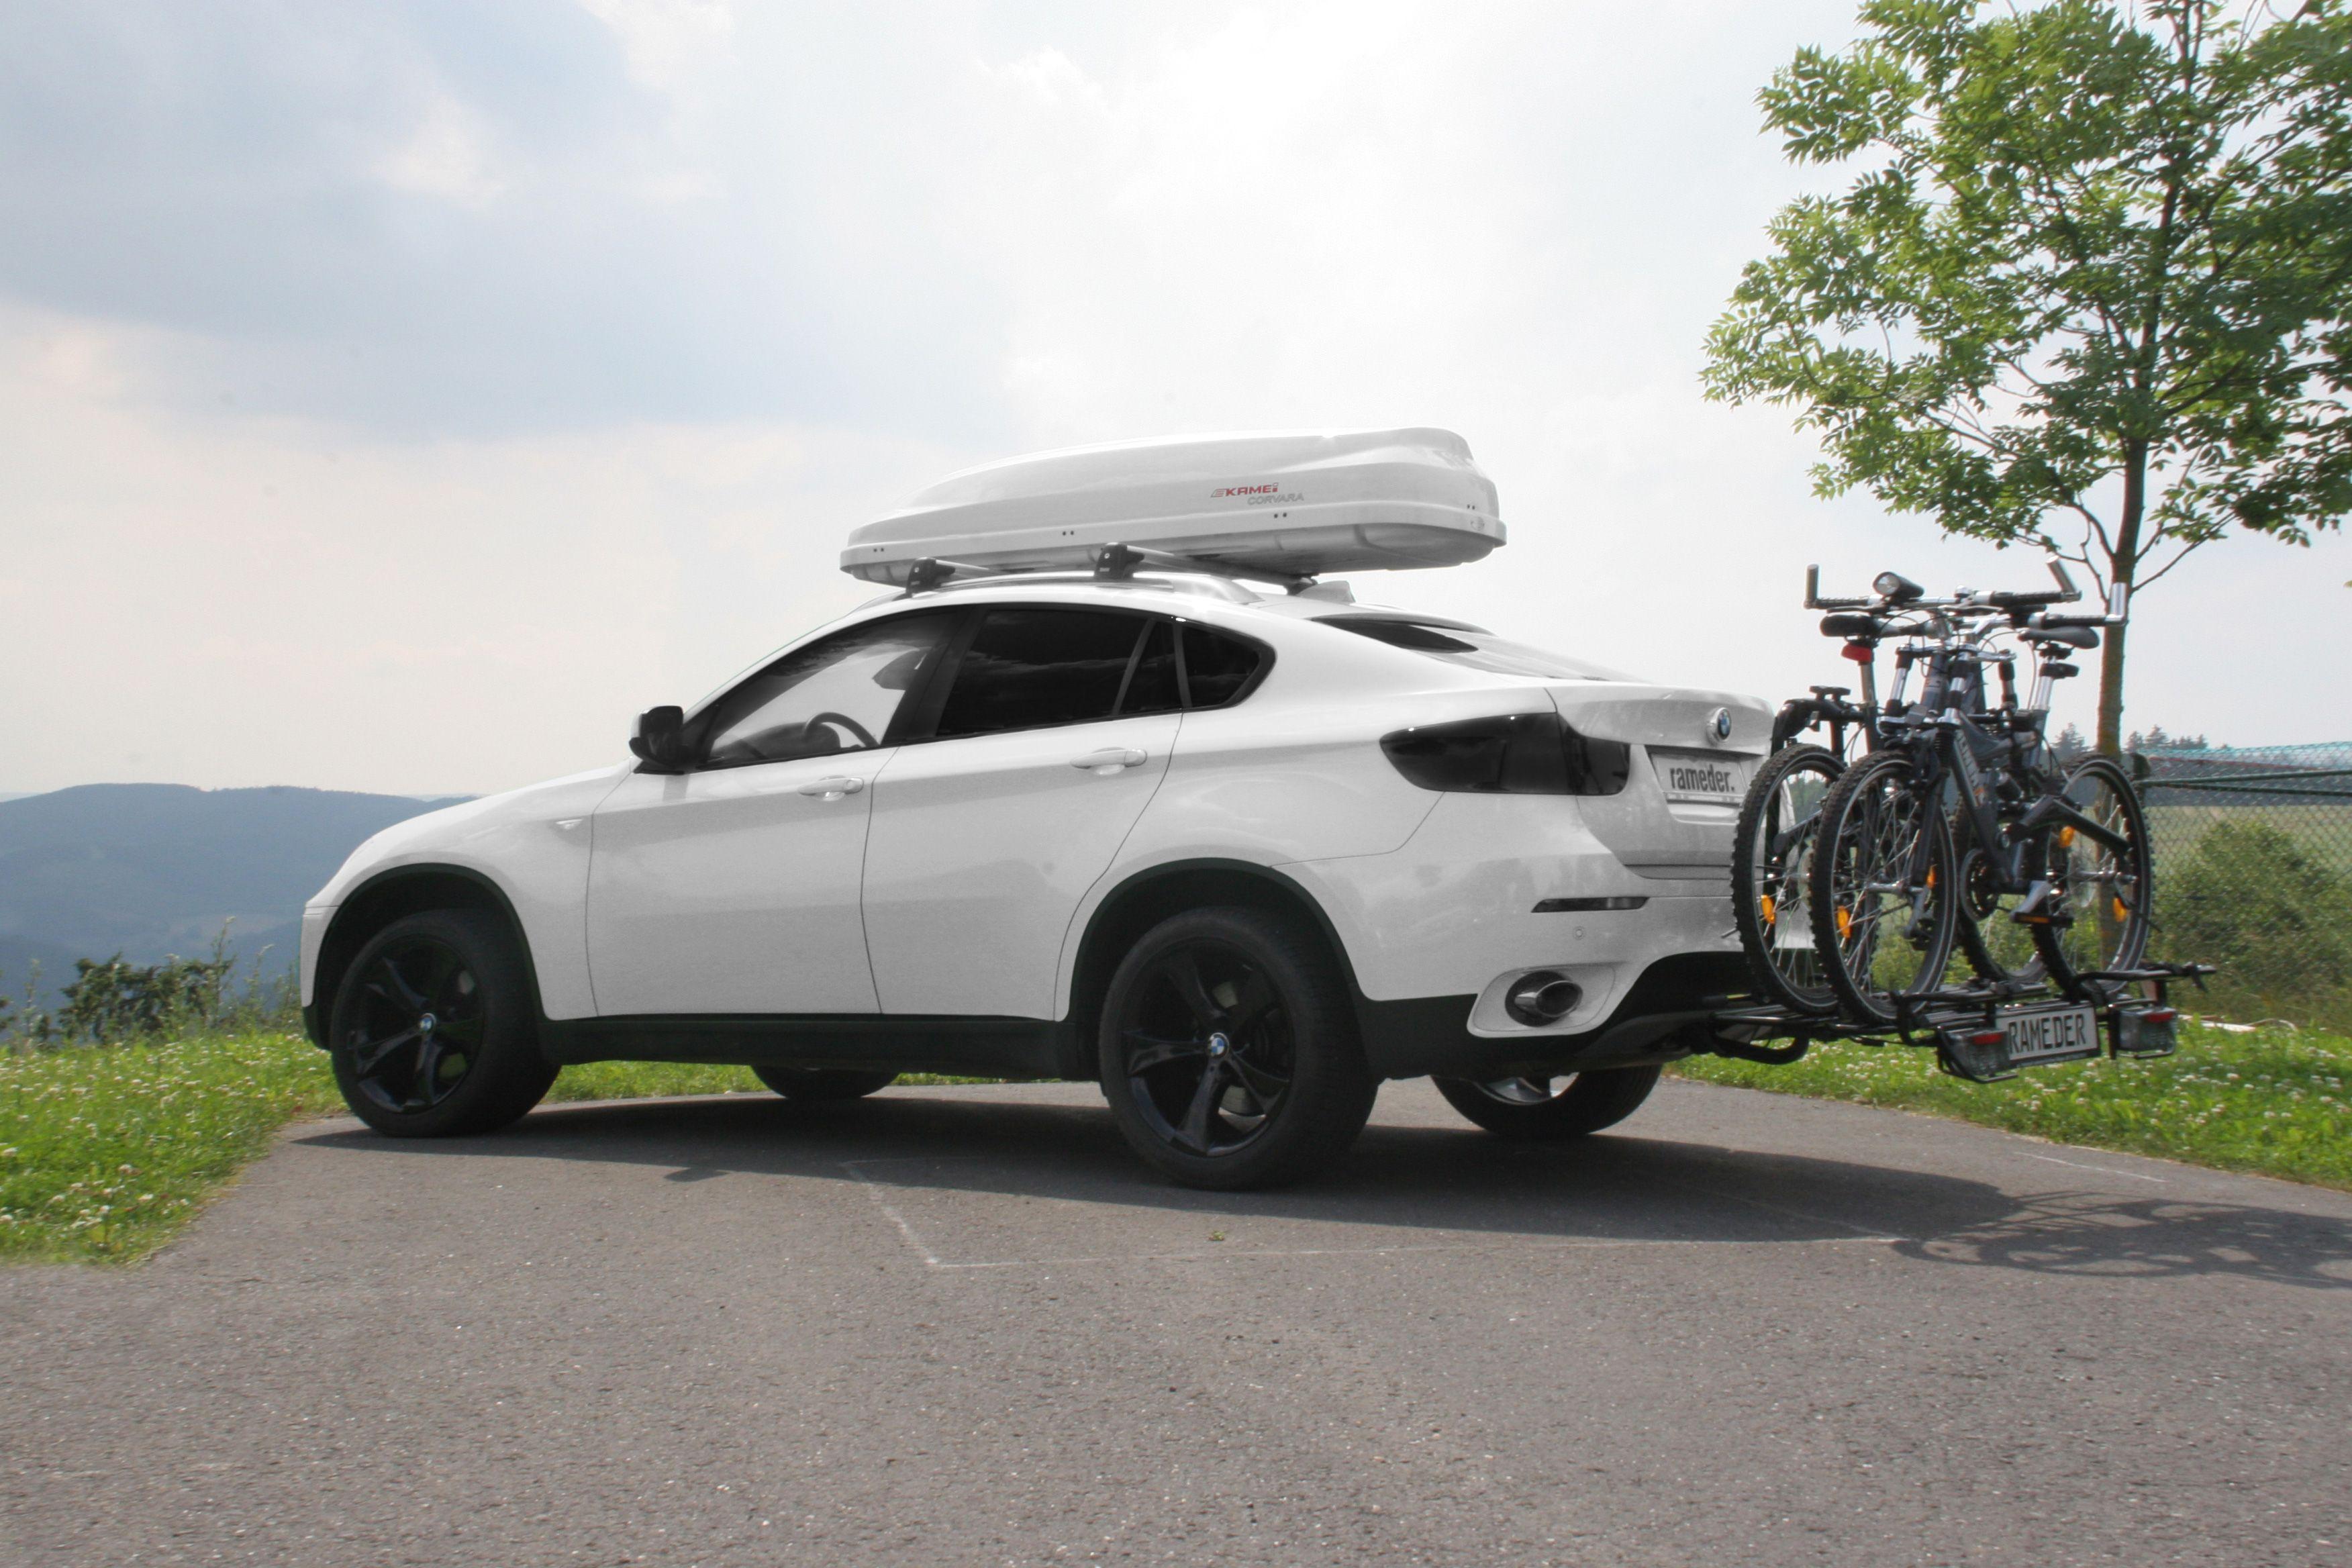 bmw x6 mit anh ngerkupplung fahrradtr ger und dachbox bmw. Black Bedroom Furniture Sets. Home Design Ideas